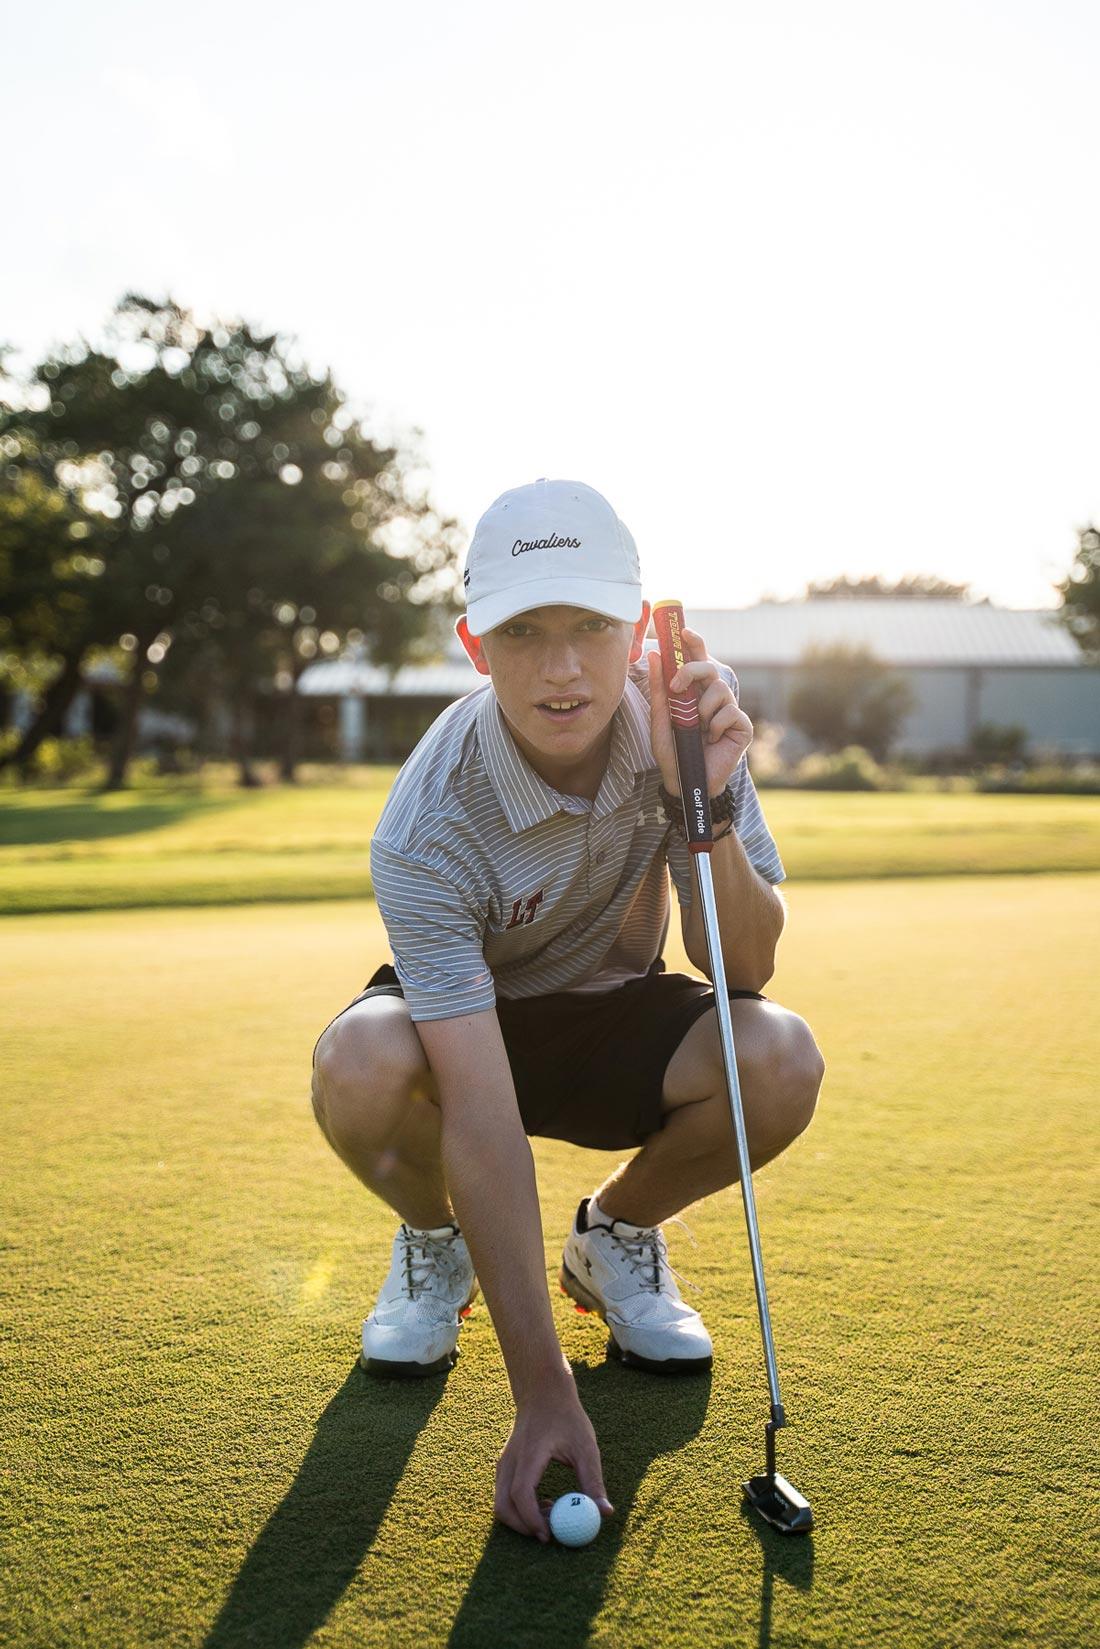 high-school-athlete-golf-photography-by-weston-carls-2.jpg